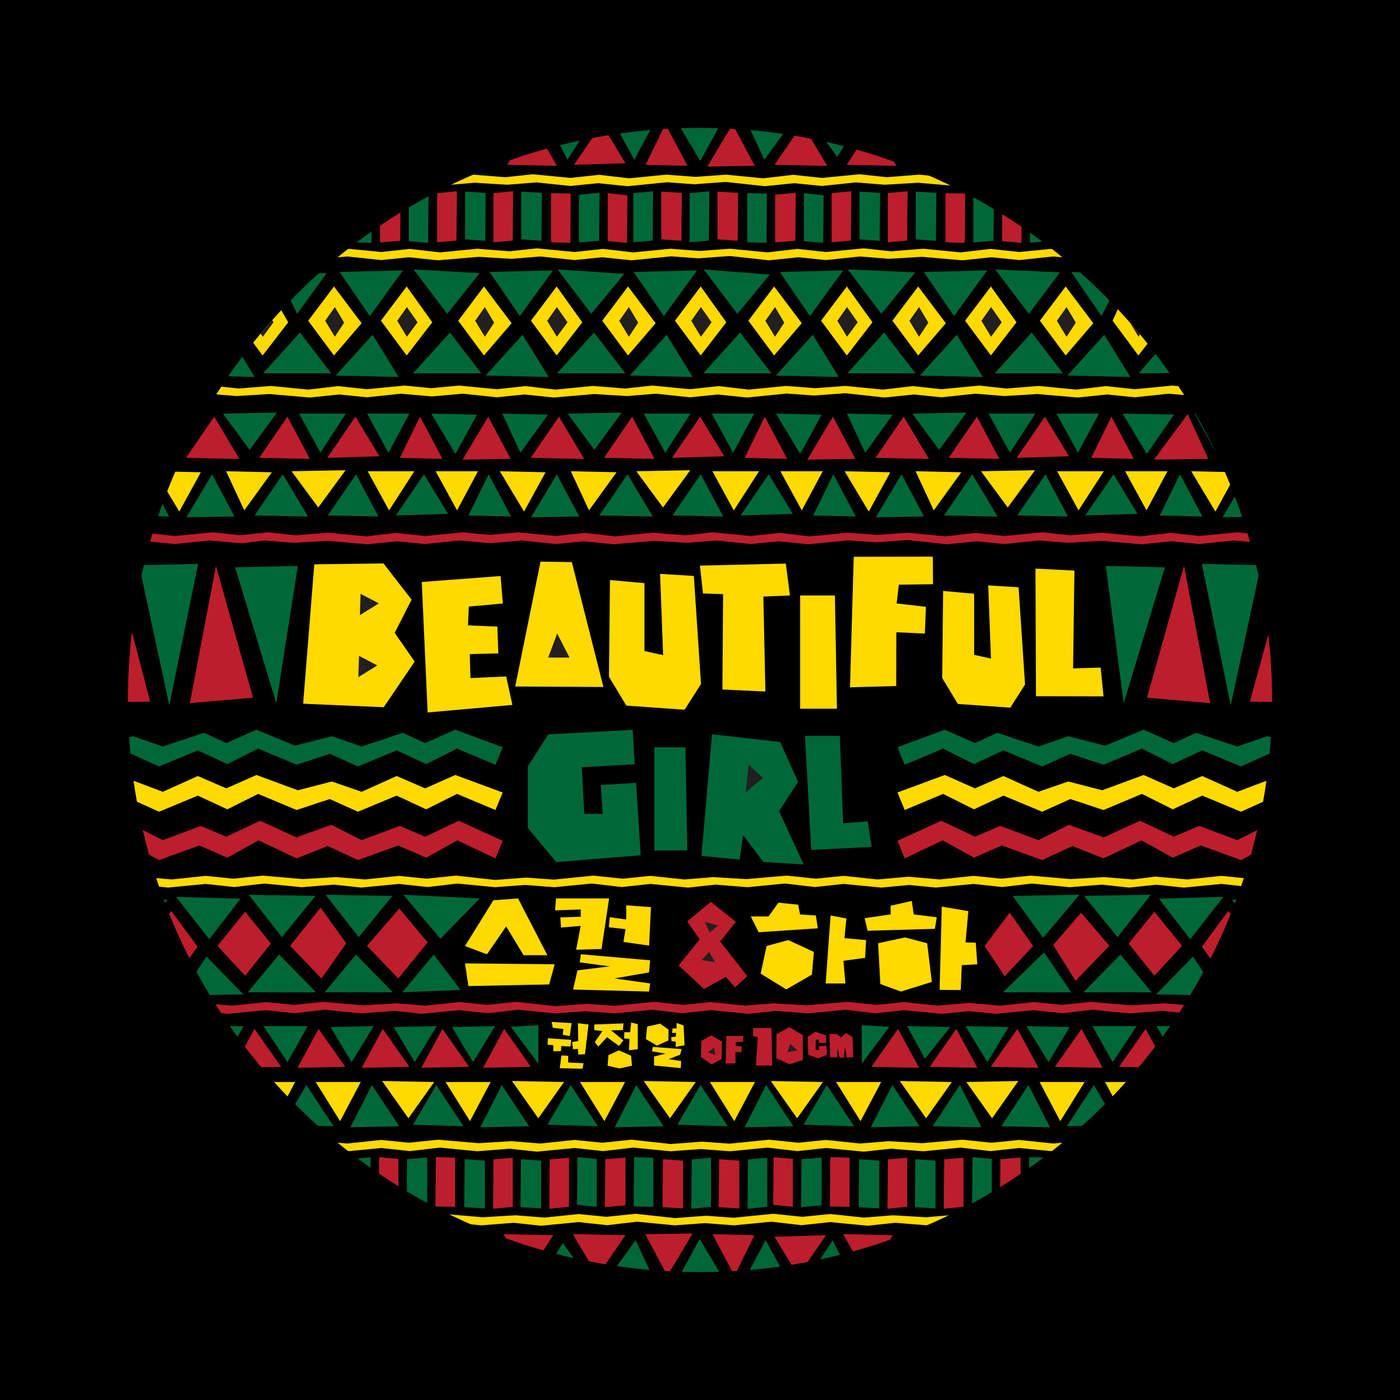 스컬 & 하하 - Beautiful Girl (feat. Kwon Jeong Yeol) - Single